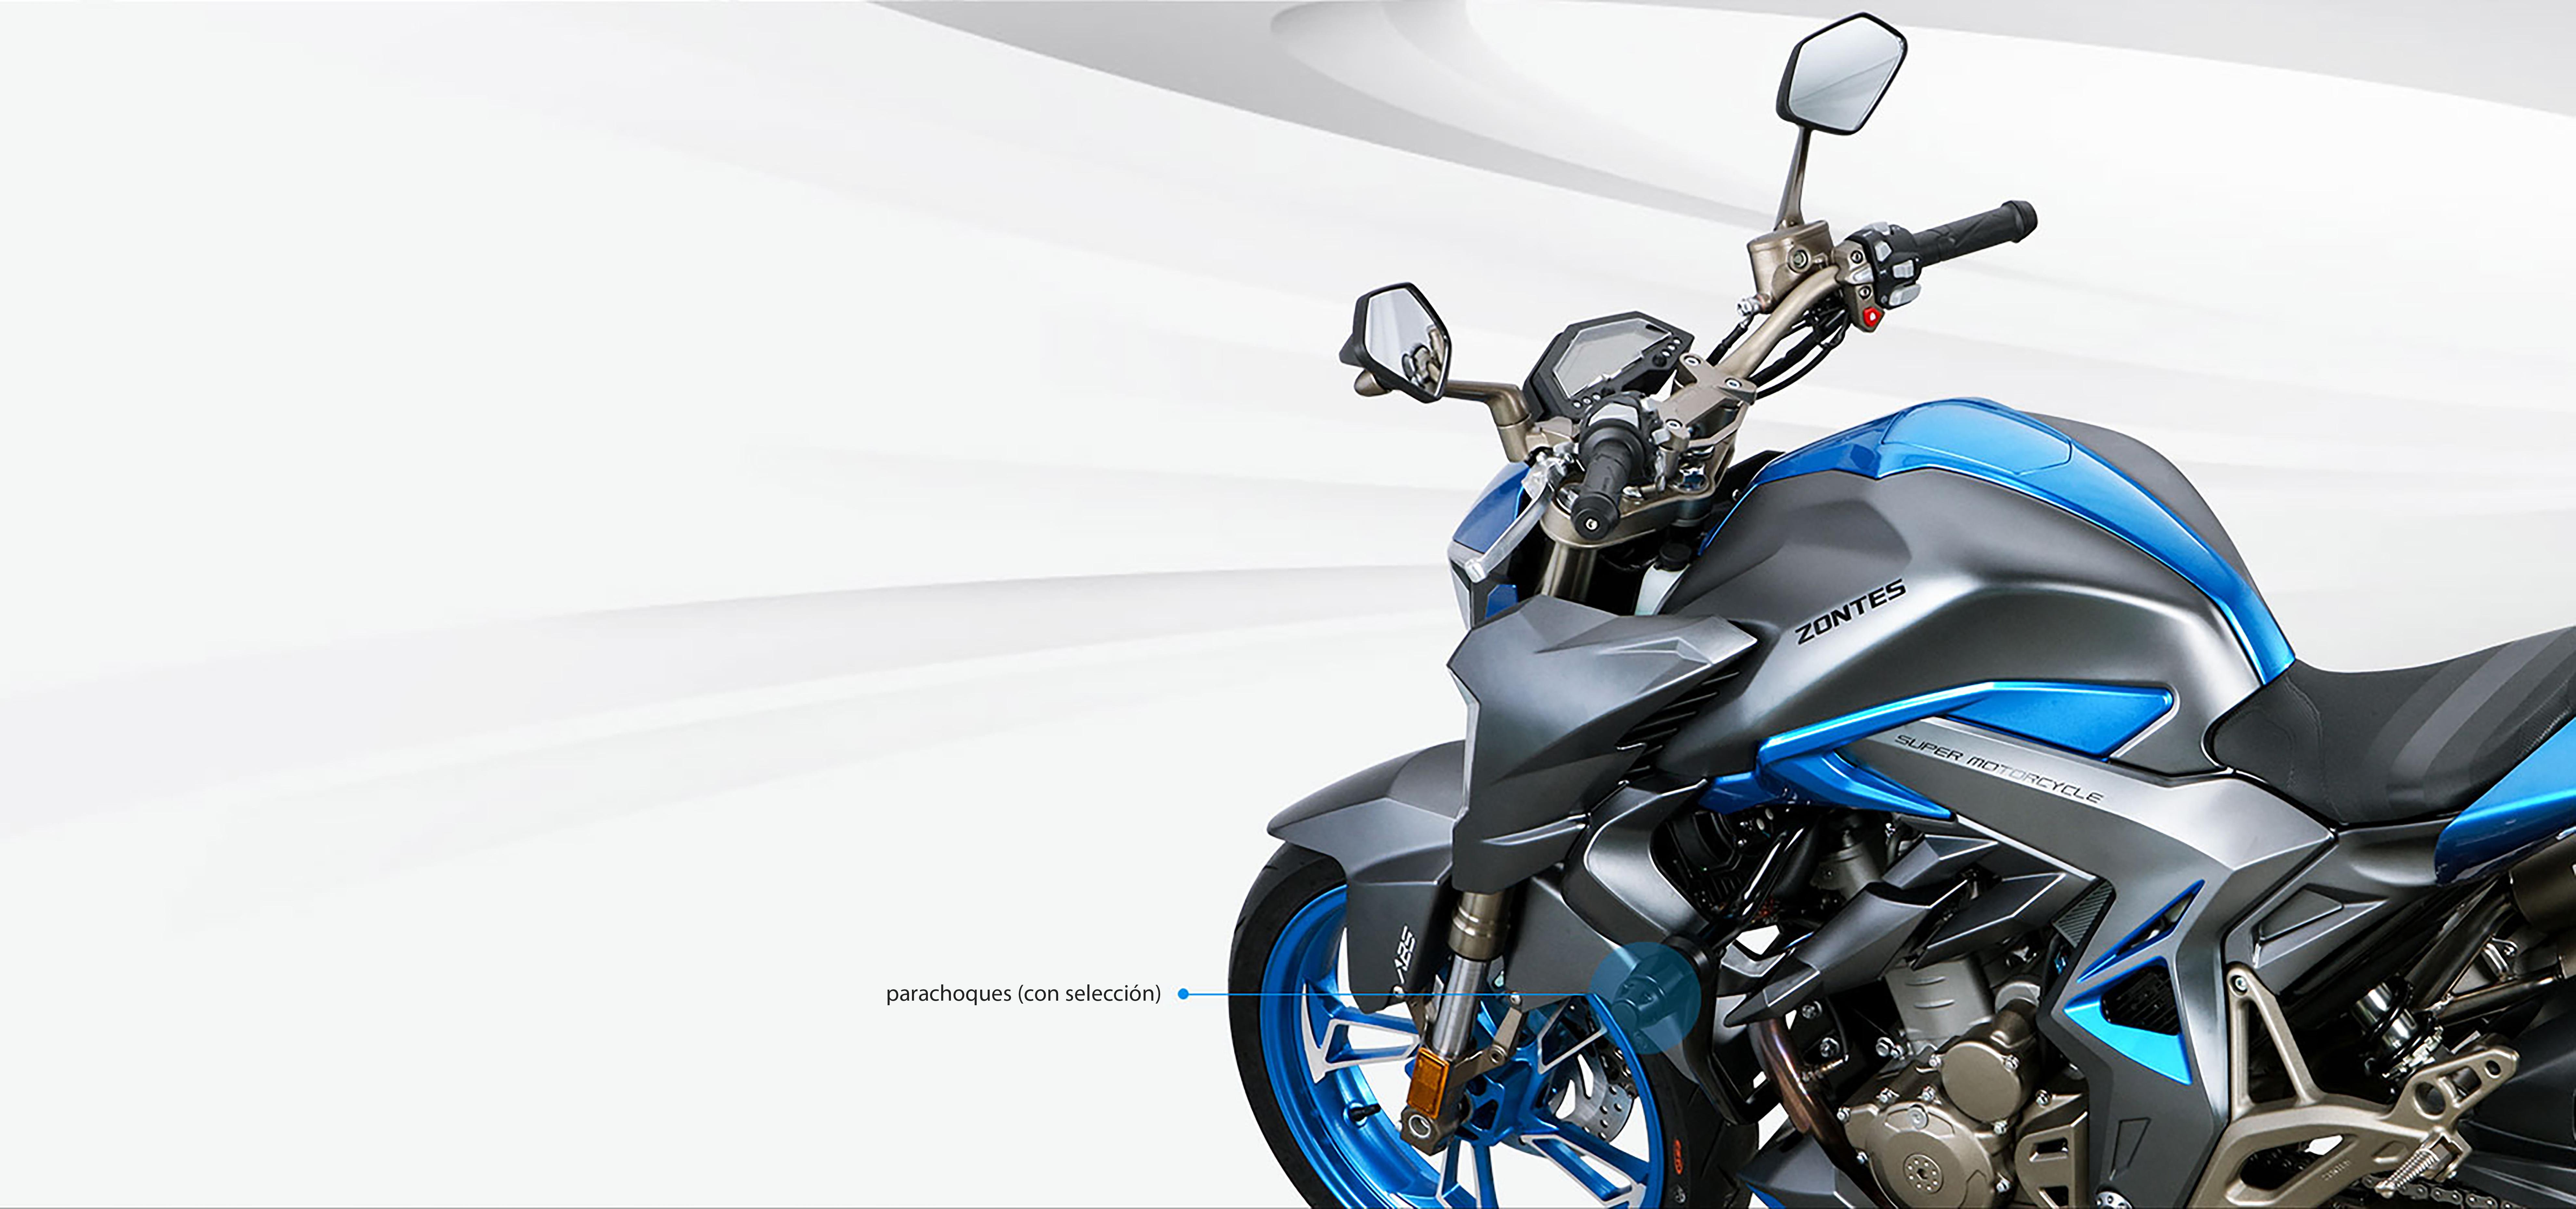 310 R - Zontes Zontes 310 R, la moto du futur disponible